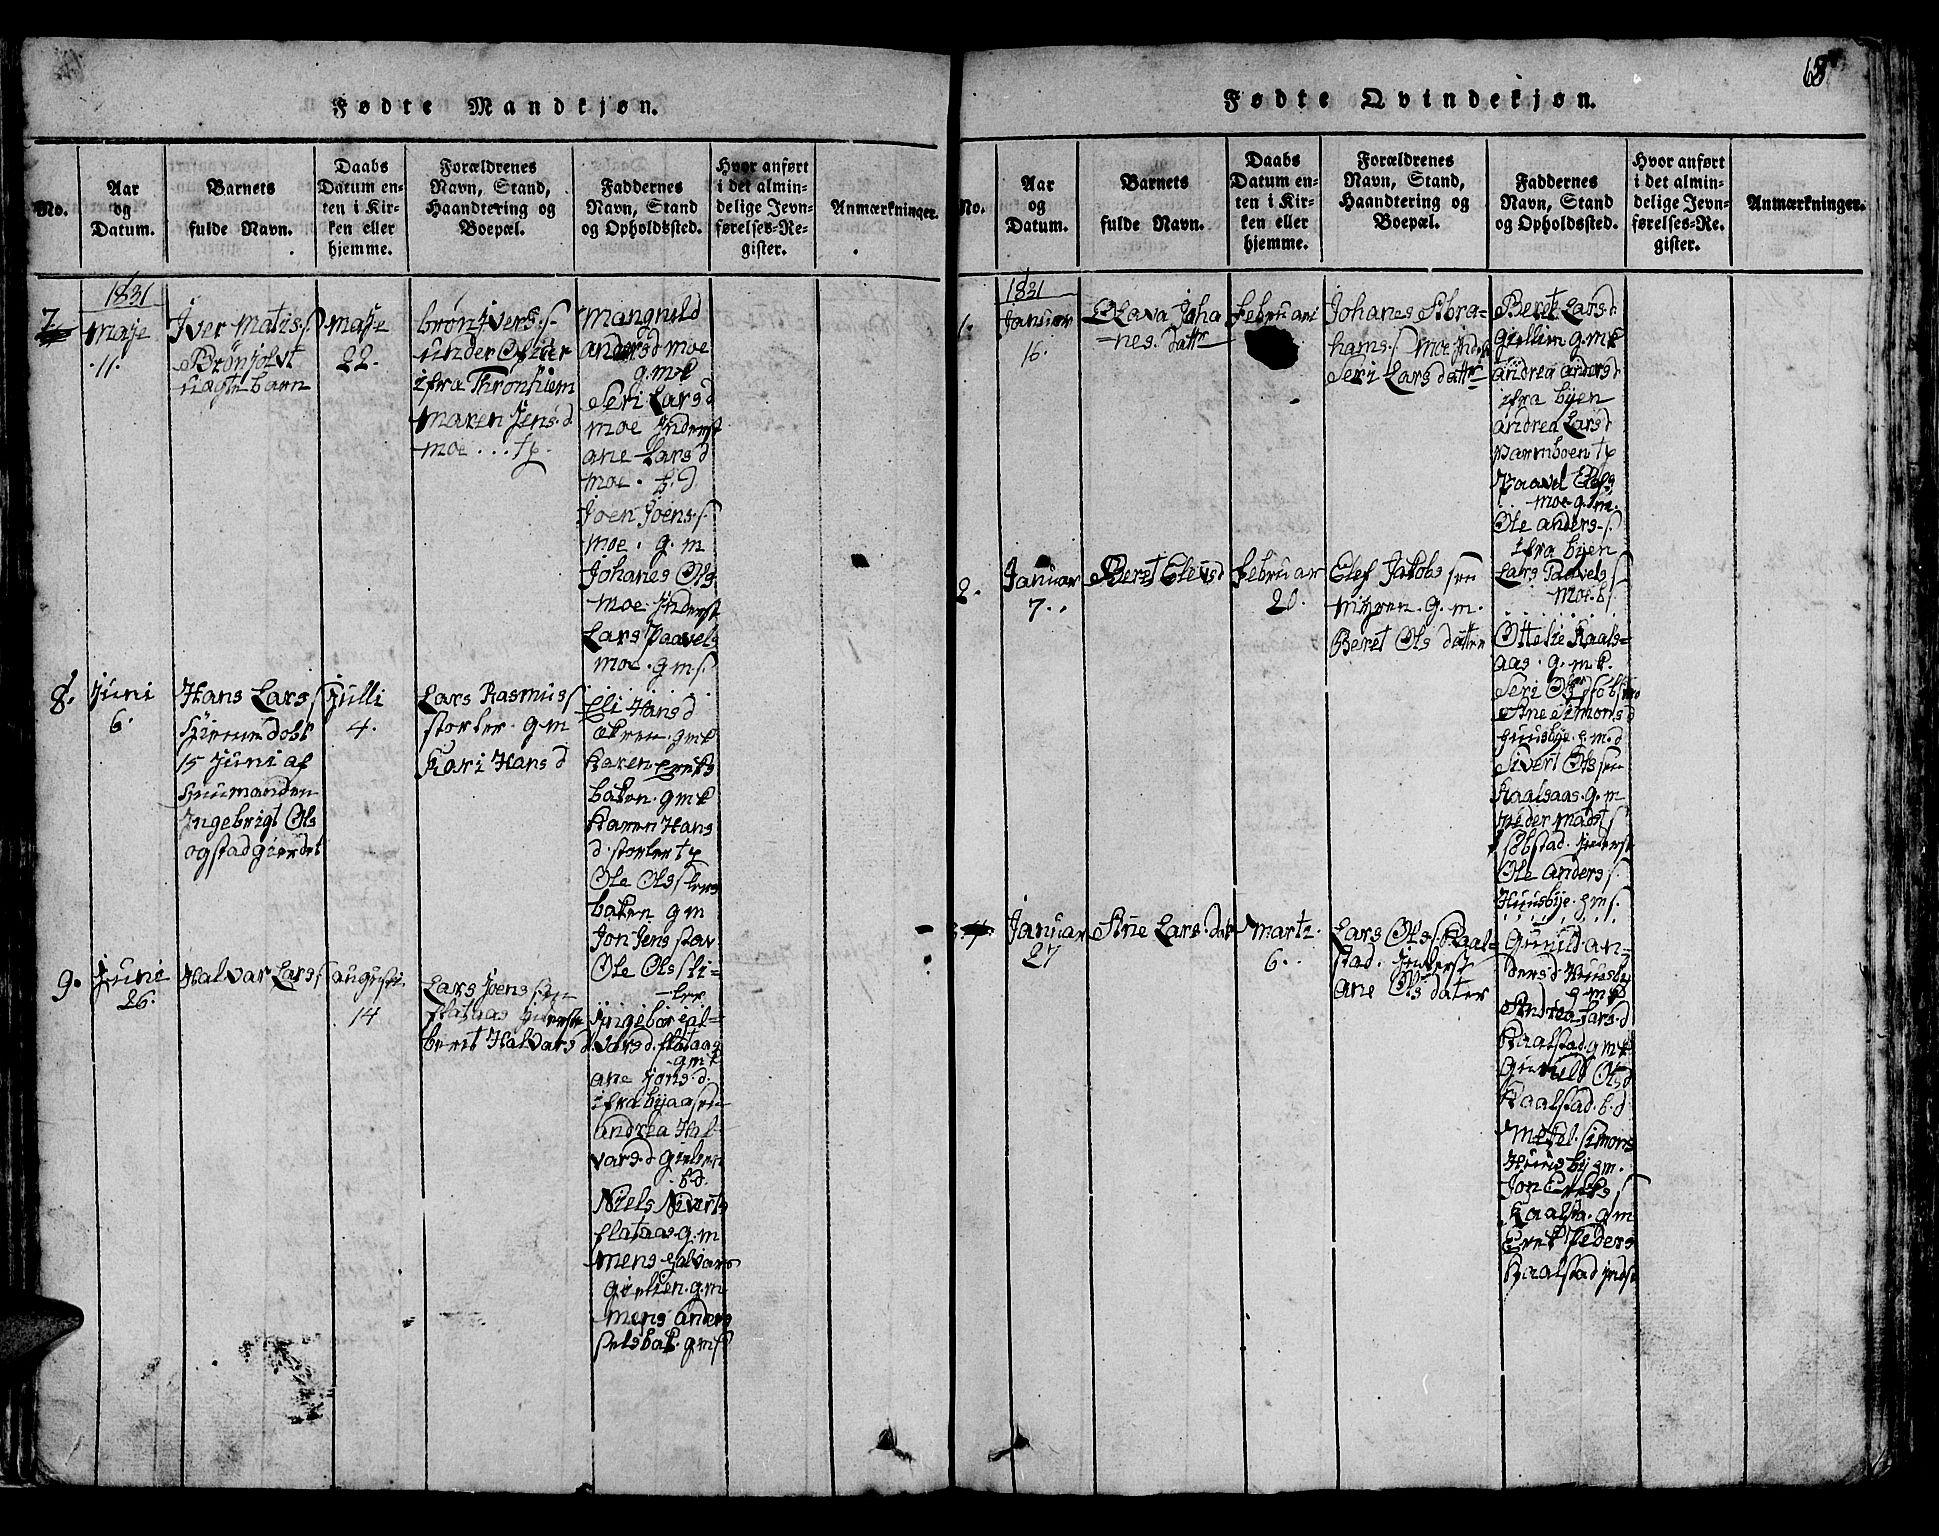 SAT, Ministerialprotokoller, klokkerbøker og fødselsregistre - Sør-Trøndelag, 613/L0393: Klokkerbok nr. 613C01, 1816-1886, s. 68